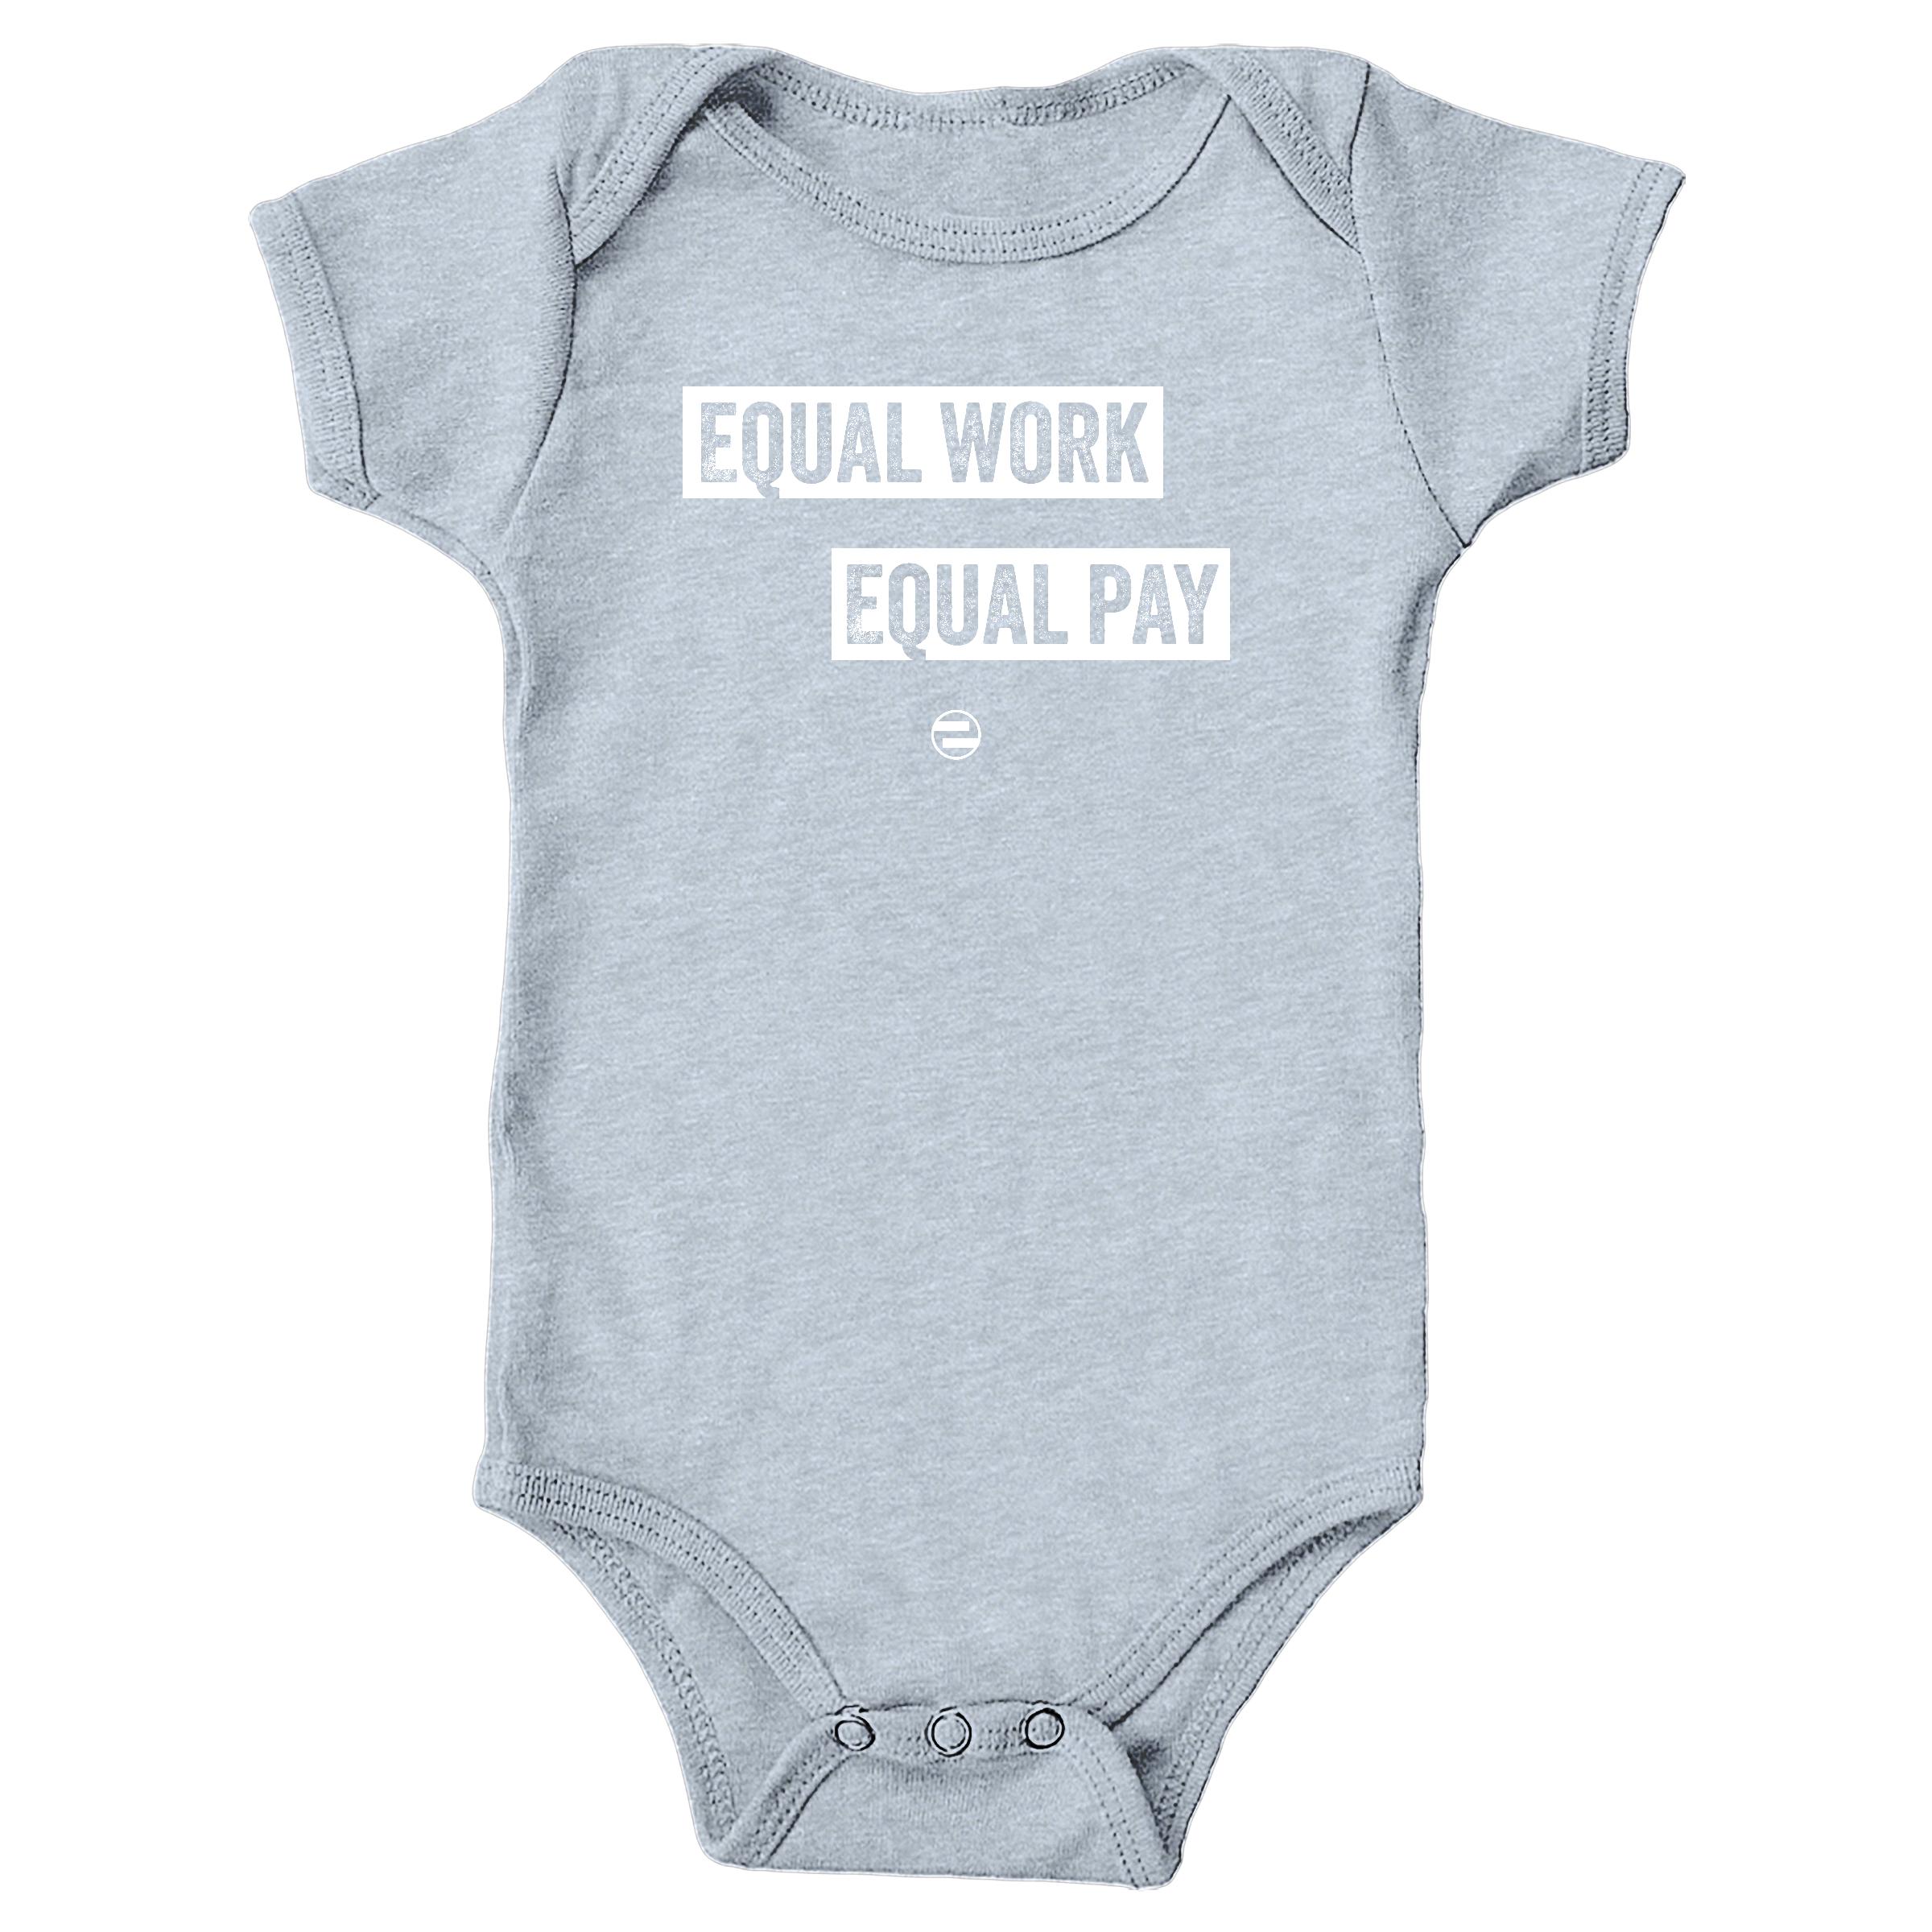 """GenEquality """"Equal Work Equal Pay"""" Kids Tee & Onesie Heather Grey (Onesie)"""